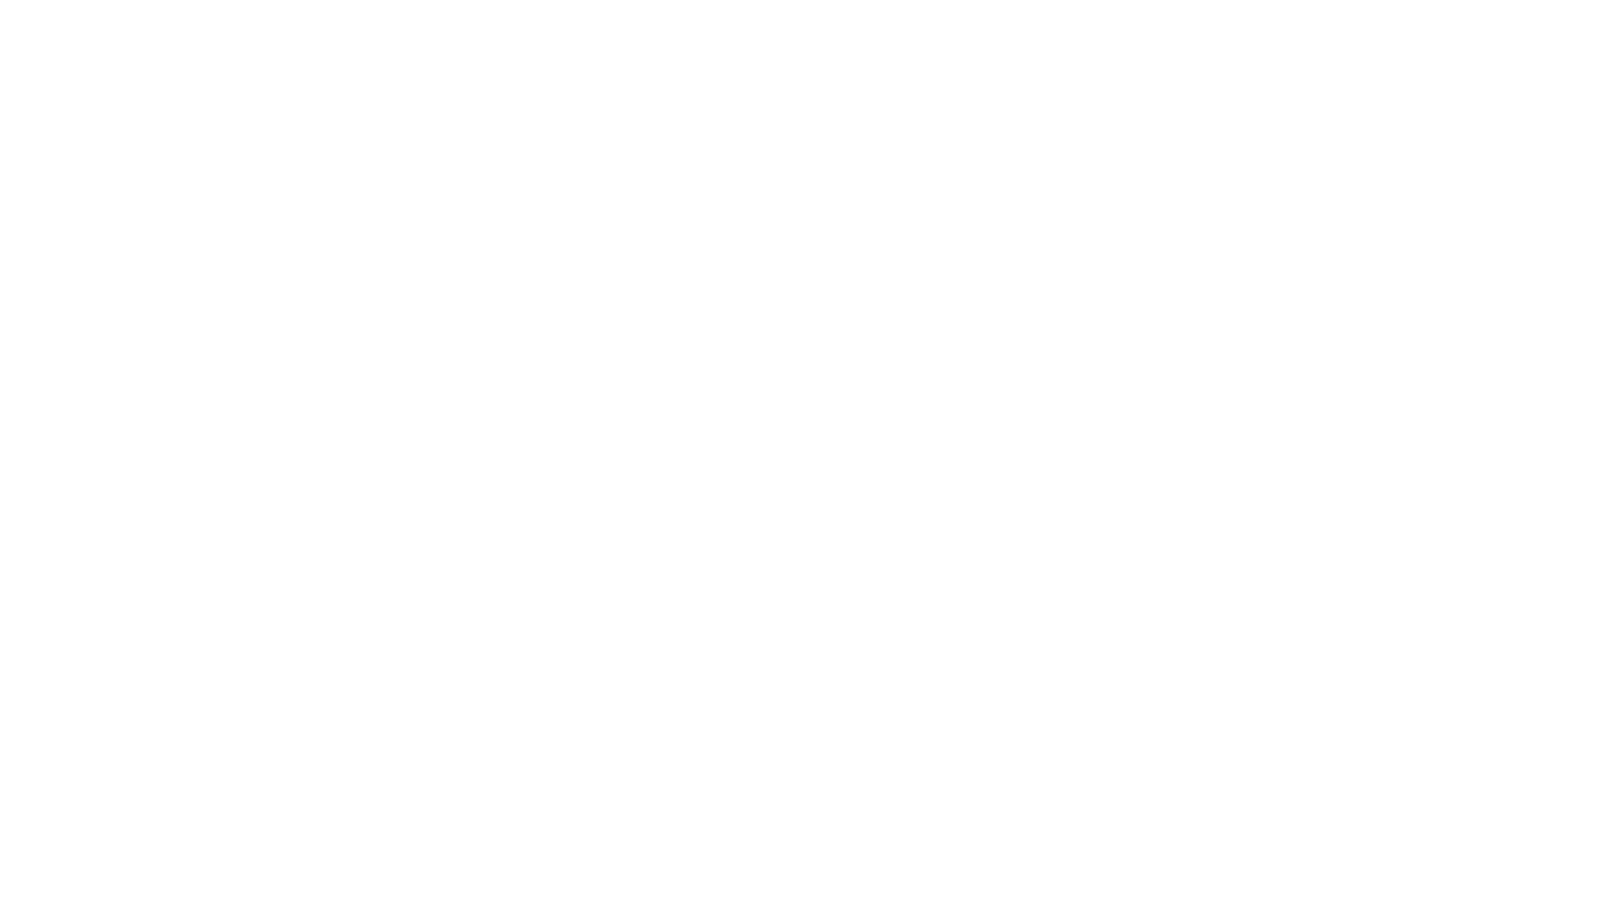 𝐄𝐬𝐭𝐫𝐞𝐧𝐨 𝐞𝐥 𝐩𝐫𝐨́𝐱𝐢𝐦𝐨 14 𝐝𝐞 𝐎𝐜𝐭𝐮𝐛𝐫𝐞 ✨  🌌 Aprende a liberar tus memorias ancestrales constelando los planetas🪐   🗂️ Con una nueva modalidad para cursar a tu ritmo  🔗Enlaces relacionados:  👉INSCRIPCIÓN y próximos cursos 📚 𝐚𝐛𝐢𝐞𝐫𝐭𝐨 el curso de Sanación del Ser e 𝗶𝗻𝘀𝗰𝗿𝗶𝗽𝗰𝗶𝗼́𝗻 para Sanación Chamánica y Astrología 🧘 PARA TOD@S: https://violantclop-programar-cita.as.me/schedule.php?  👉INSCRIPCIÓN curso Astrología Sistémica 📚: https://violantclop.com/project/curso-astrologia-1  👉 Nuevo formato de Cursos On line. (En los de Sanación del Ser reforzaremos la canalización). Abiertas inscripciones! : https://violantclop.com/cursos-y-talleres  👉 Web oficial de 🧘 Violant Clop: https://violantclop.com/